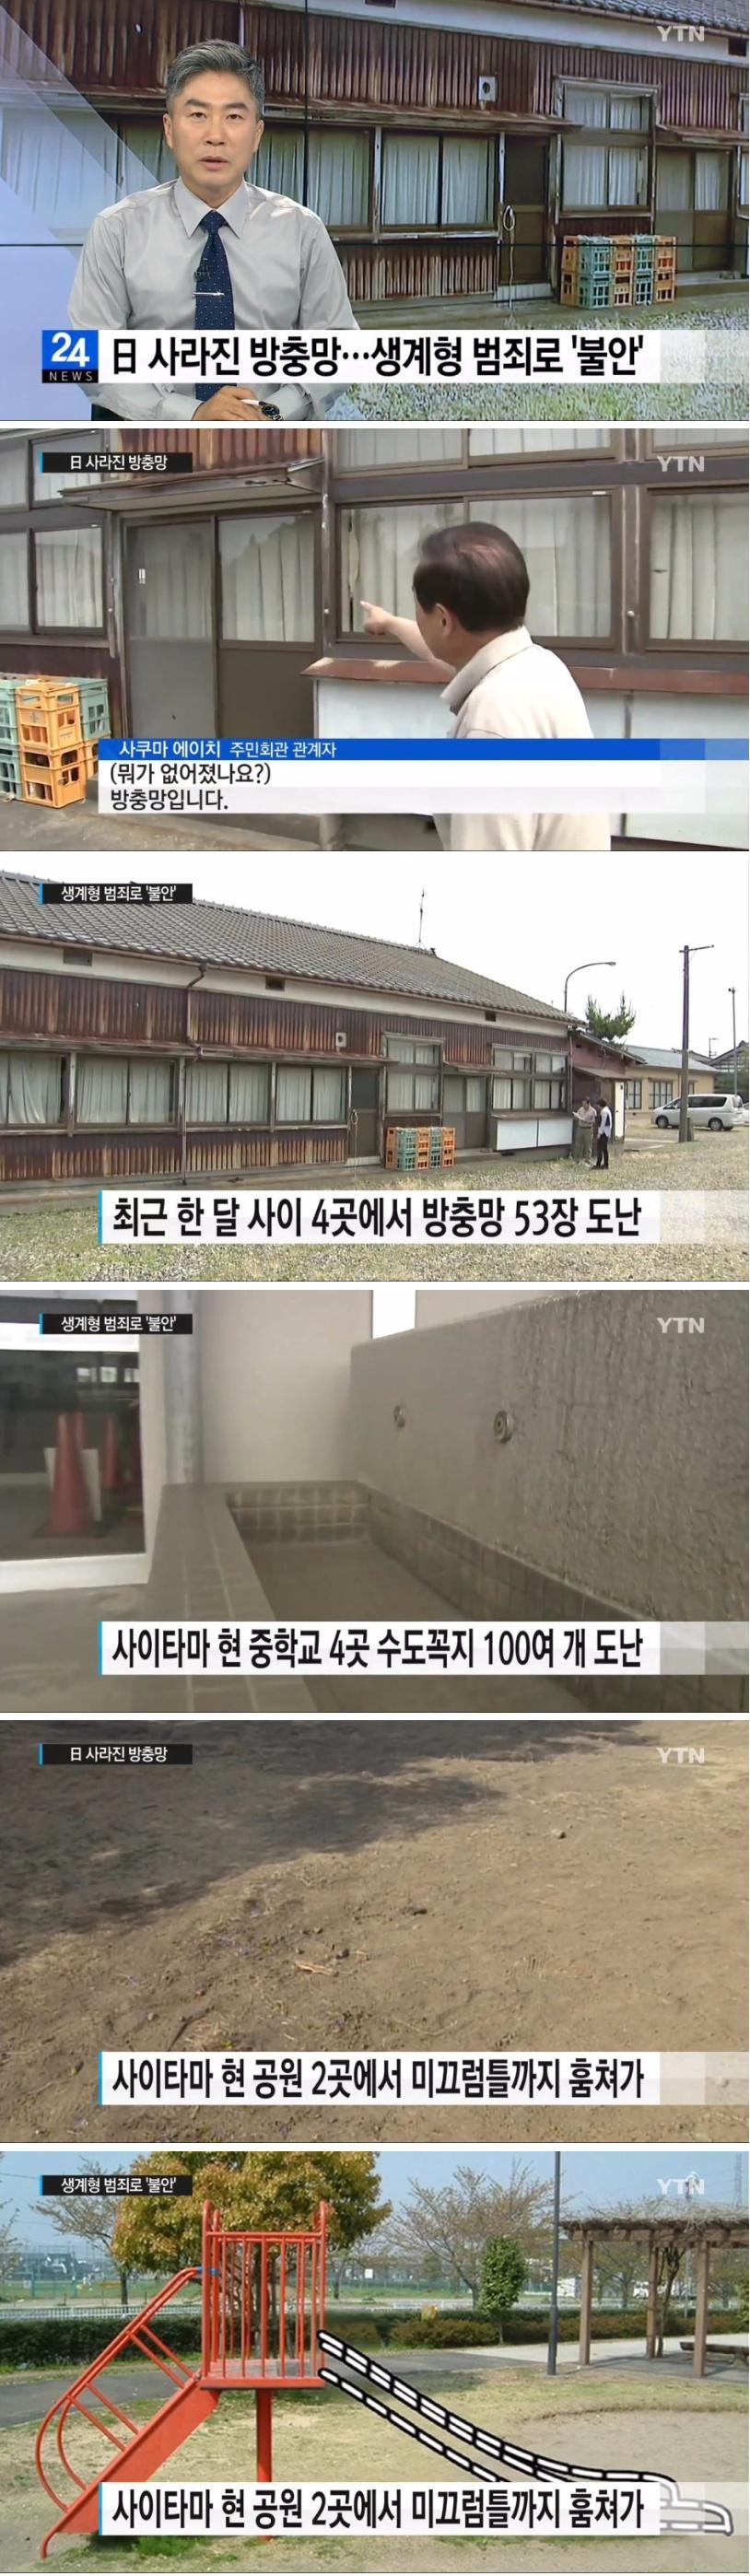 일본 생활형범죄.jpg